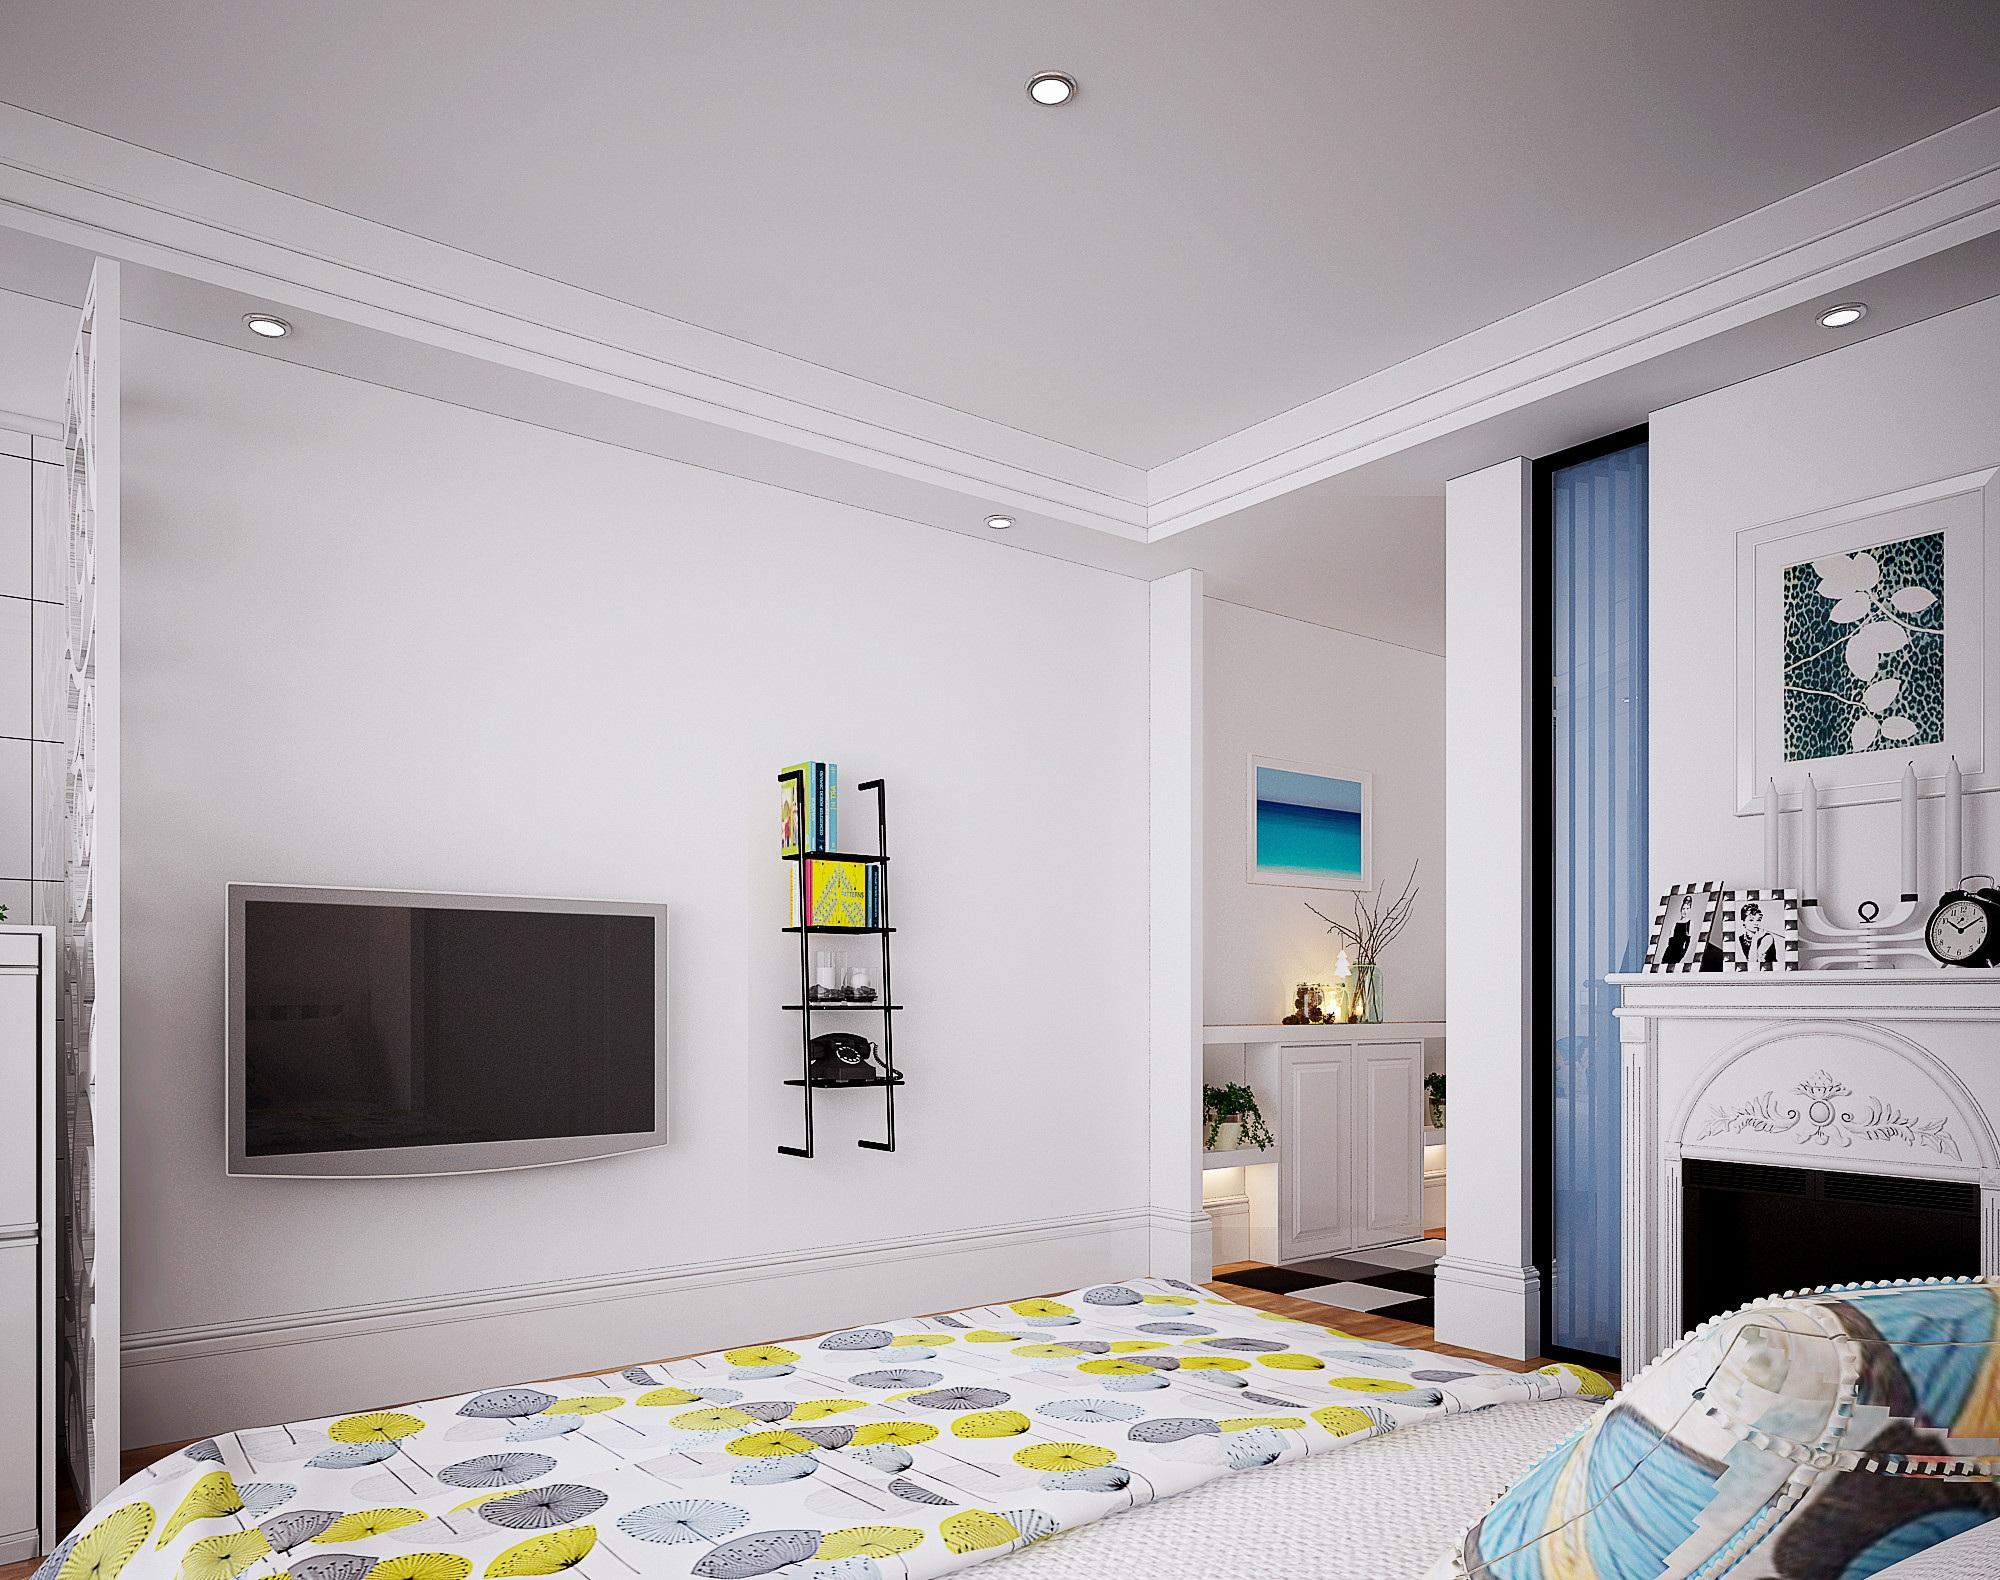 此案例为信地城市广场单身公寓,业主是一对年轻的小情侣,这套公寓只是过渡性住房,所以要求不是太高,整体造价不要太高,要求设计师尽量把空间利用上,风格偏向于北欧,整体空间尽量通透。设计师结合业主要求,出此设计方案